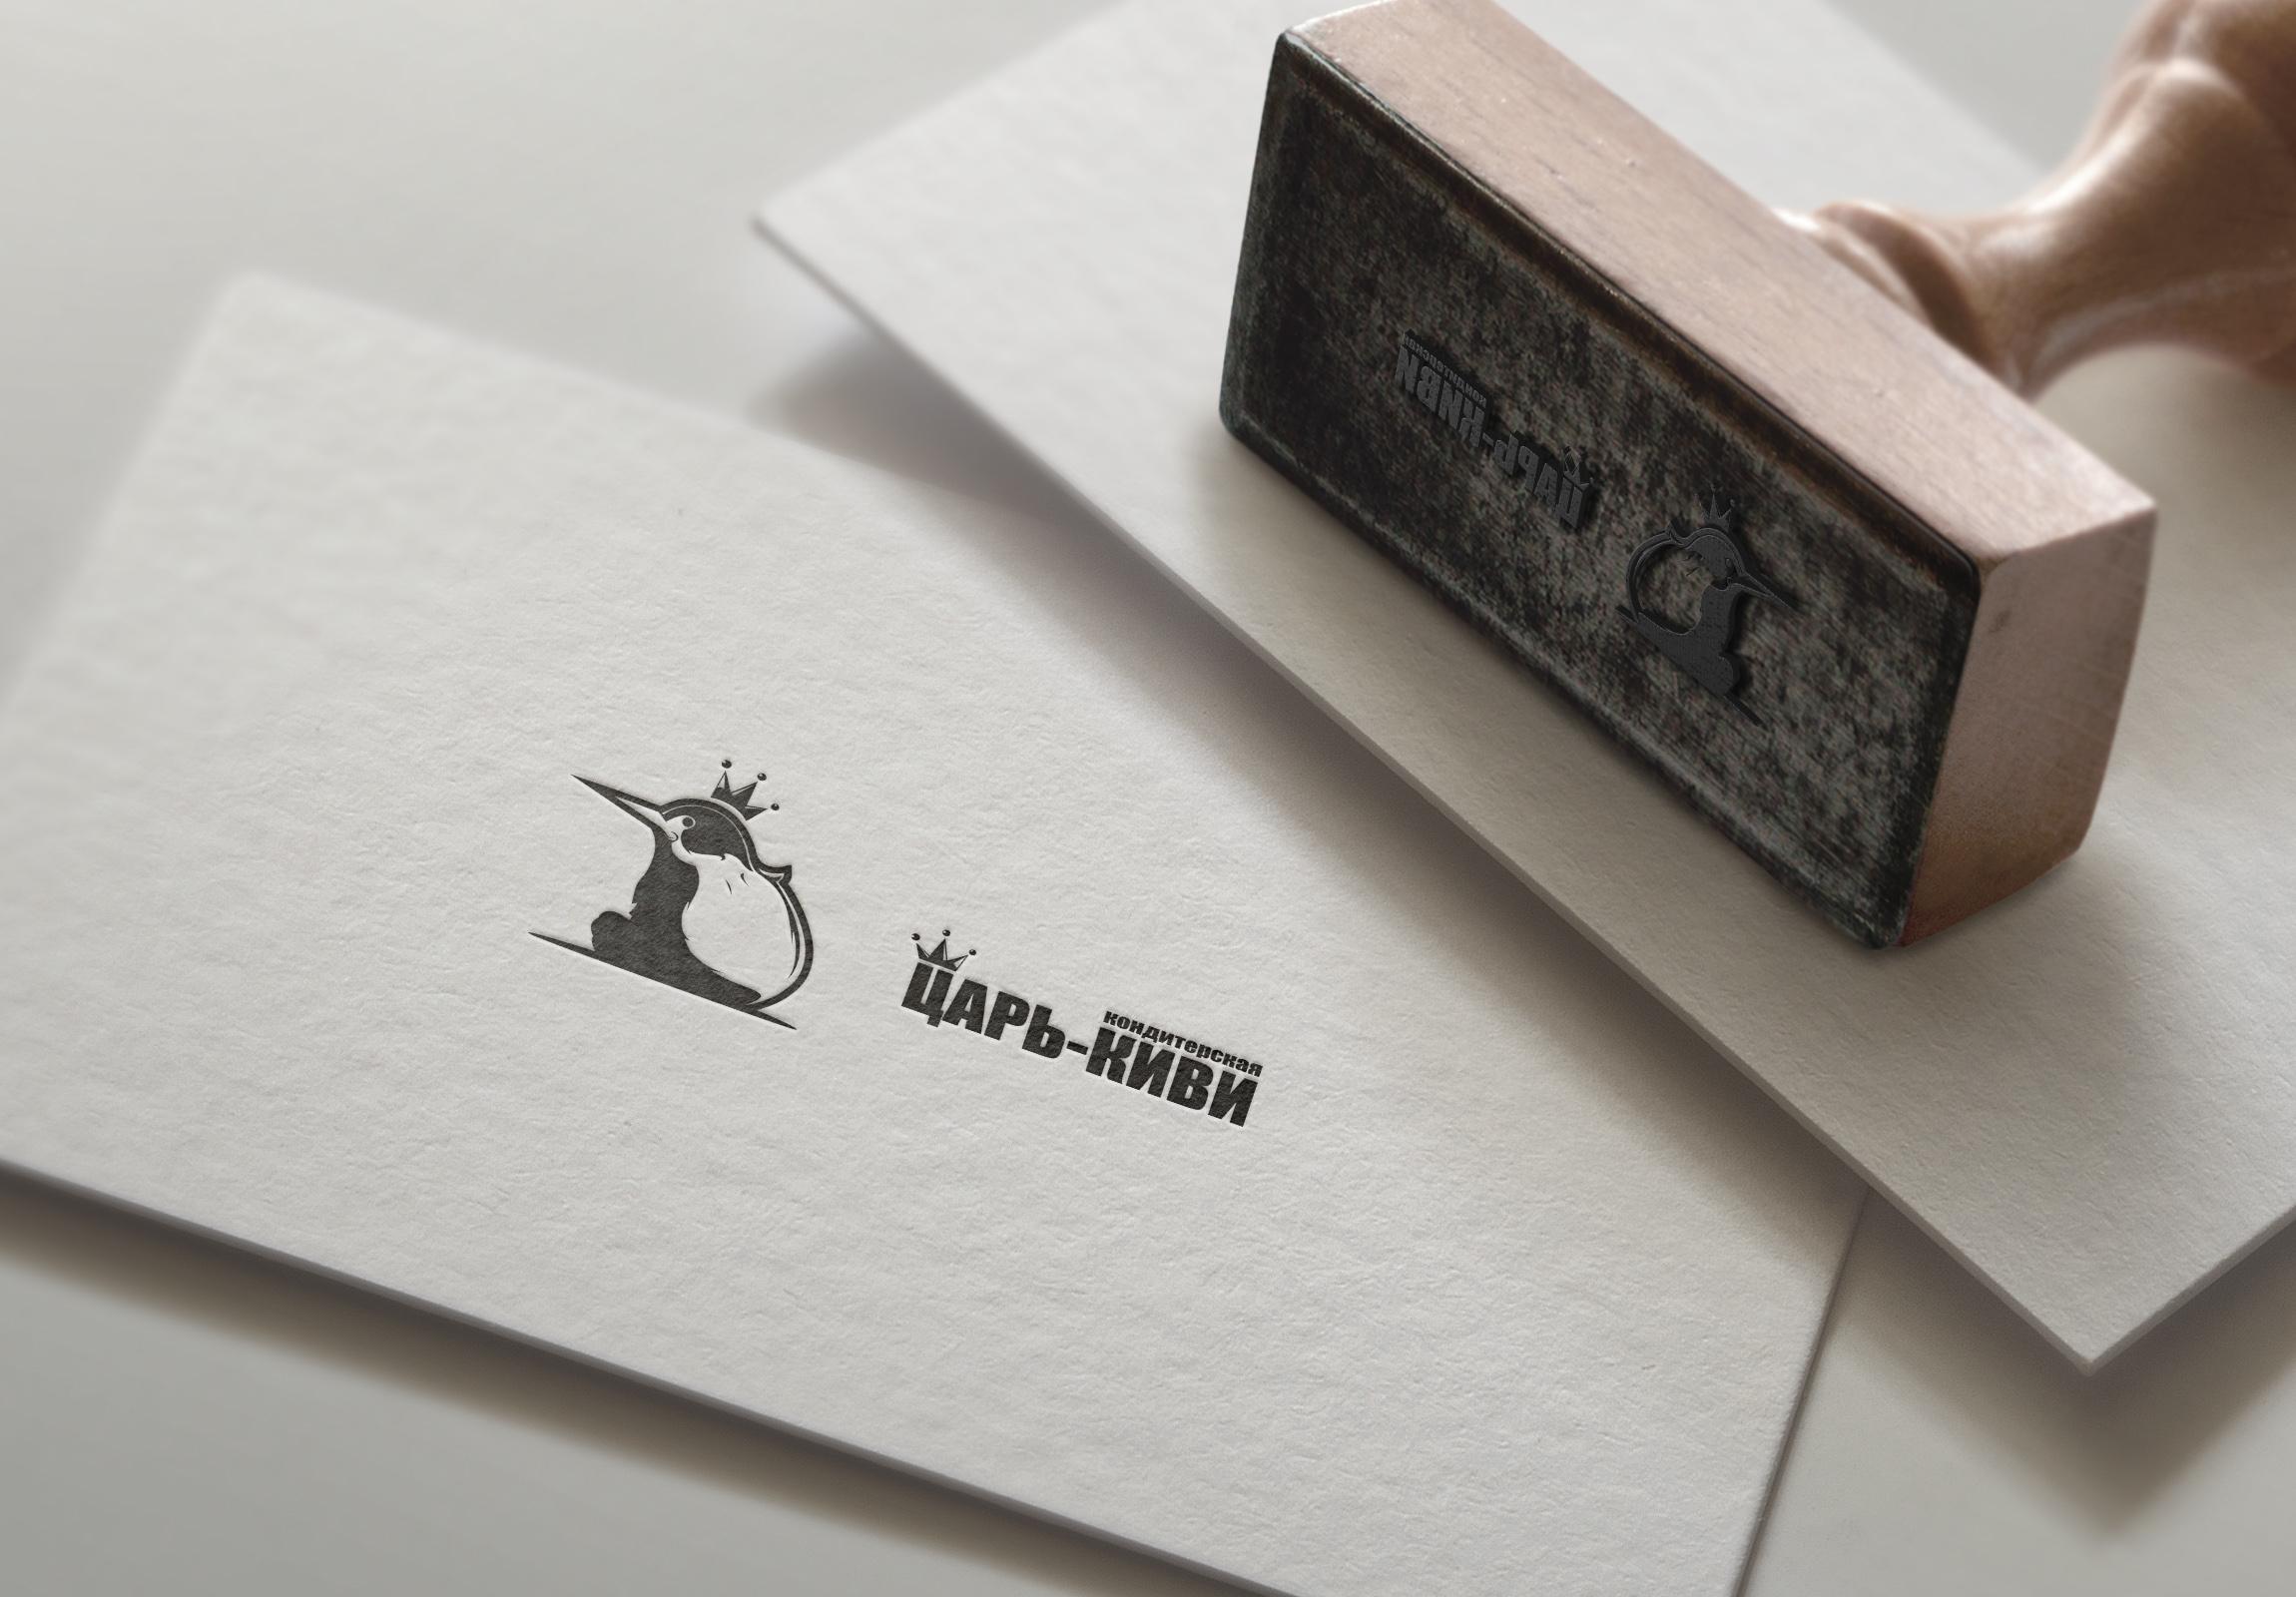 """Доработать дизайн логотипа кафе-кондитерской """"Царь-Киви"""" фото f_4845a08afb1910ed.jpg"""